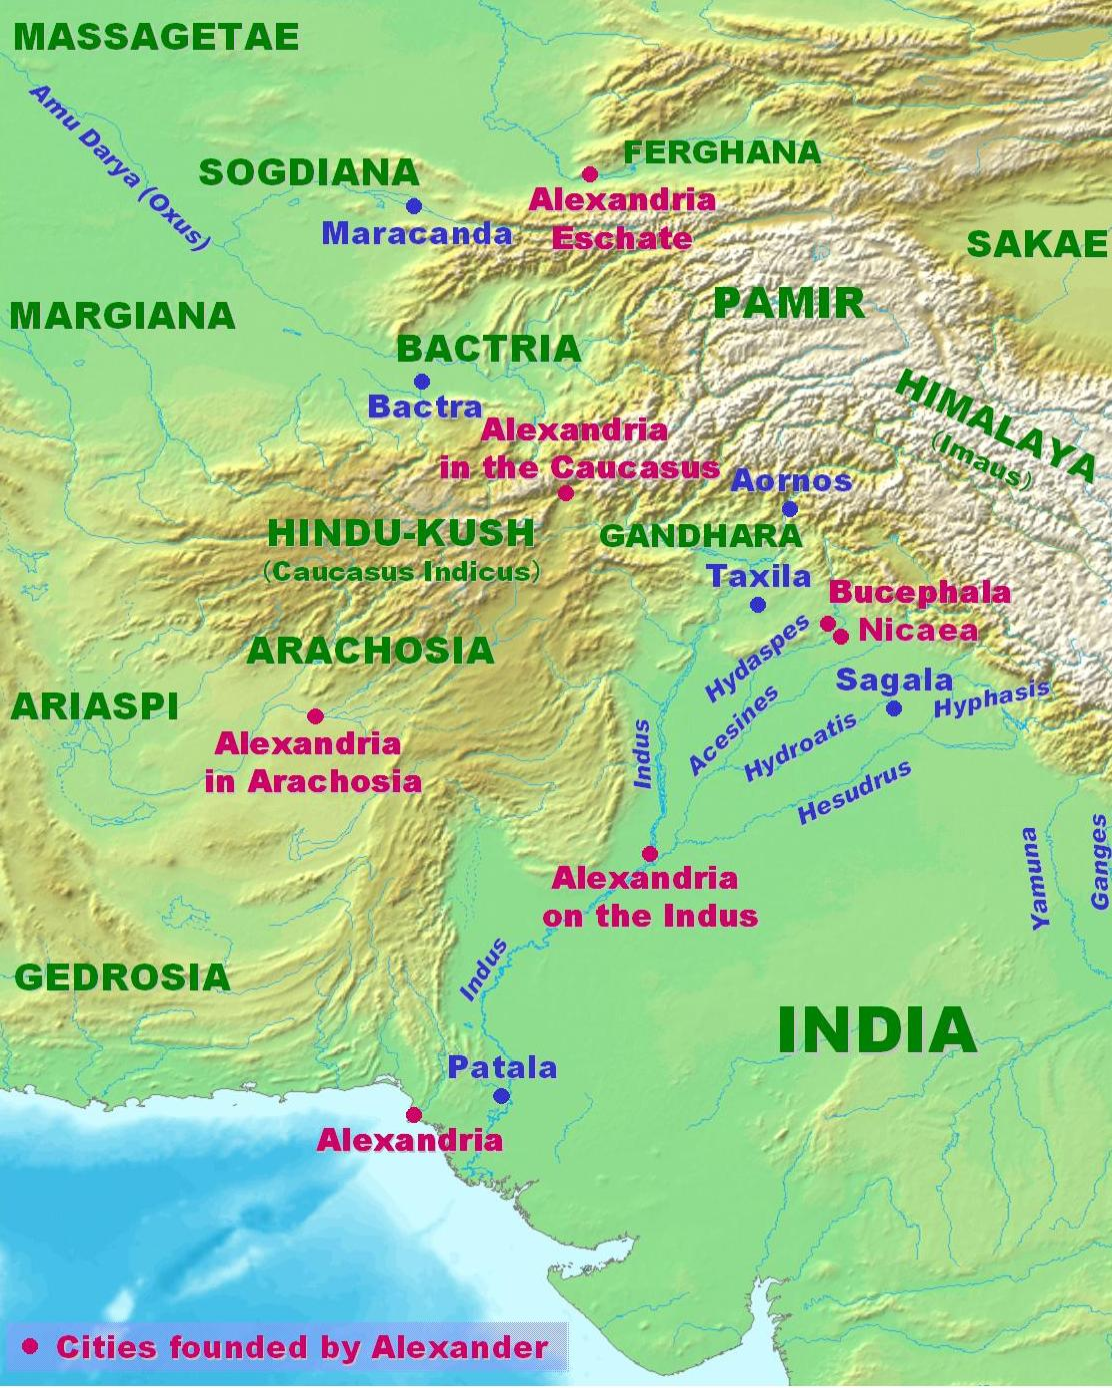 Geografía de la zona